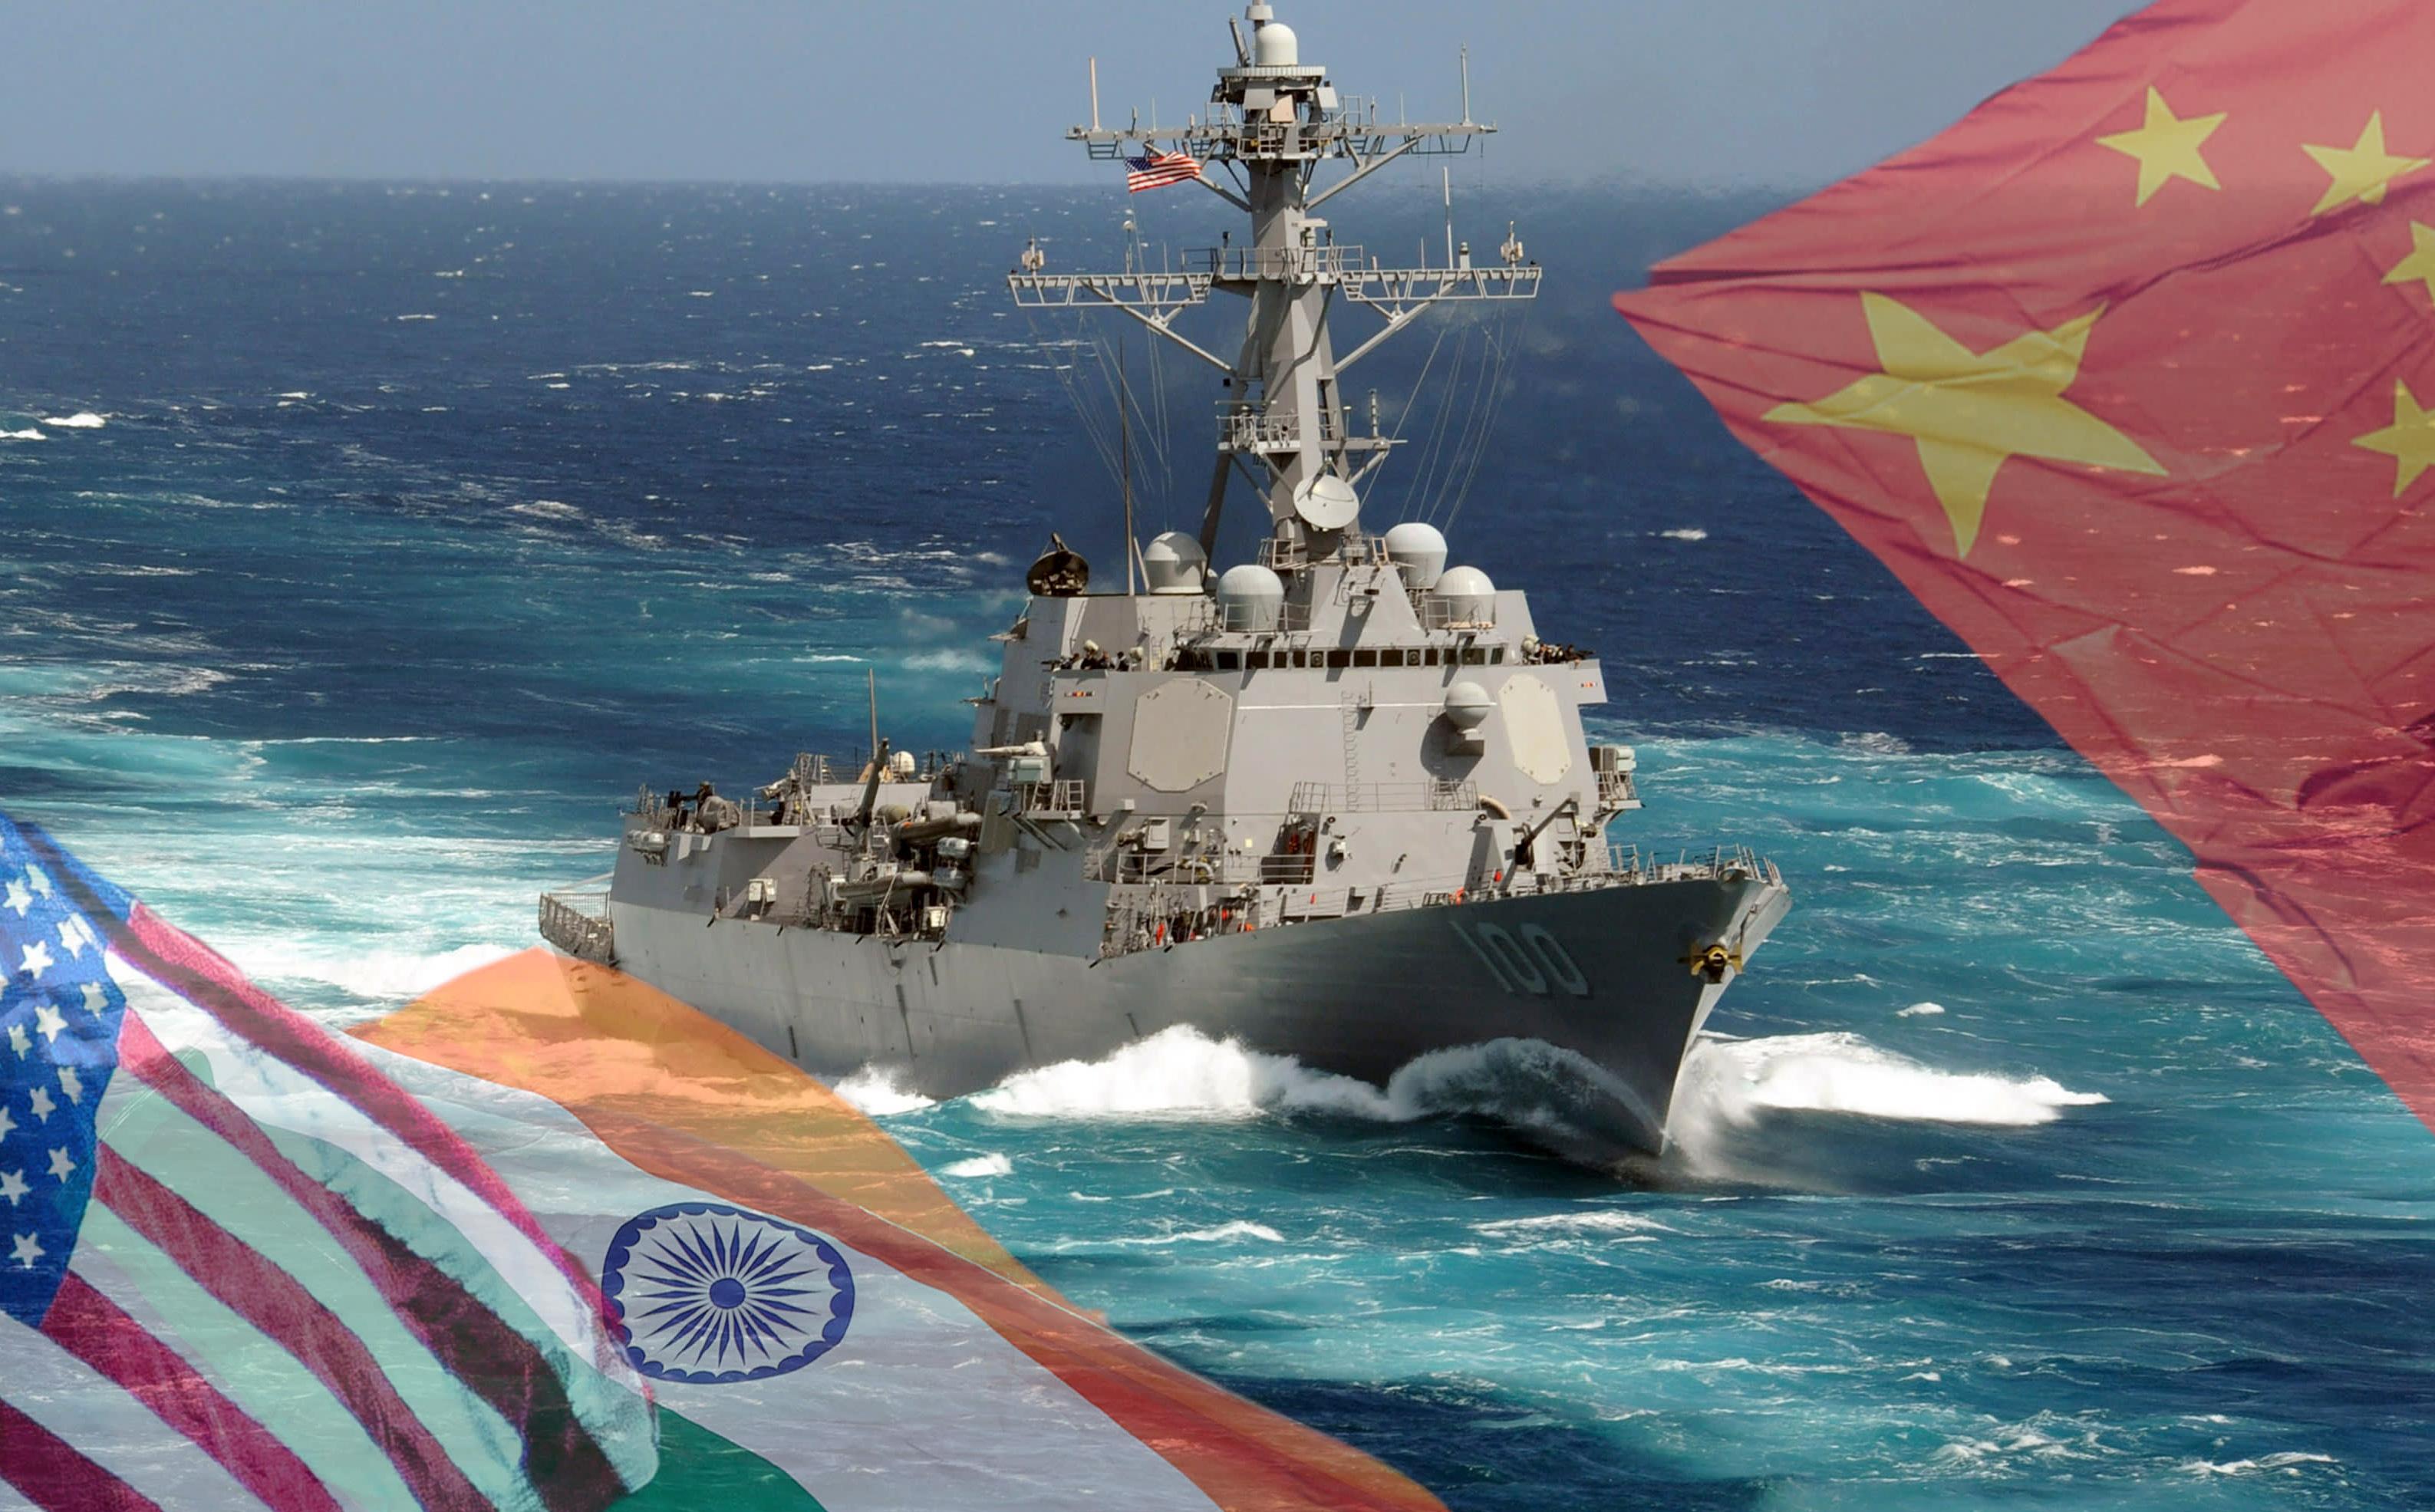 Ấn Độ ''quay ngoắt'' 180 độ trước thỏa thuận quốc phòng Mỹ - Maldives: TQ là nguyên nhân?